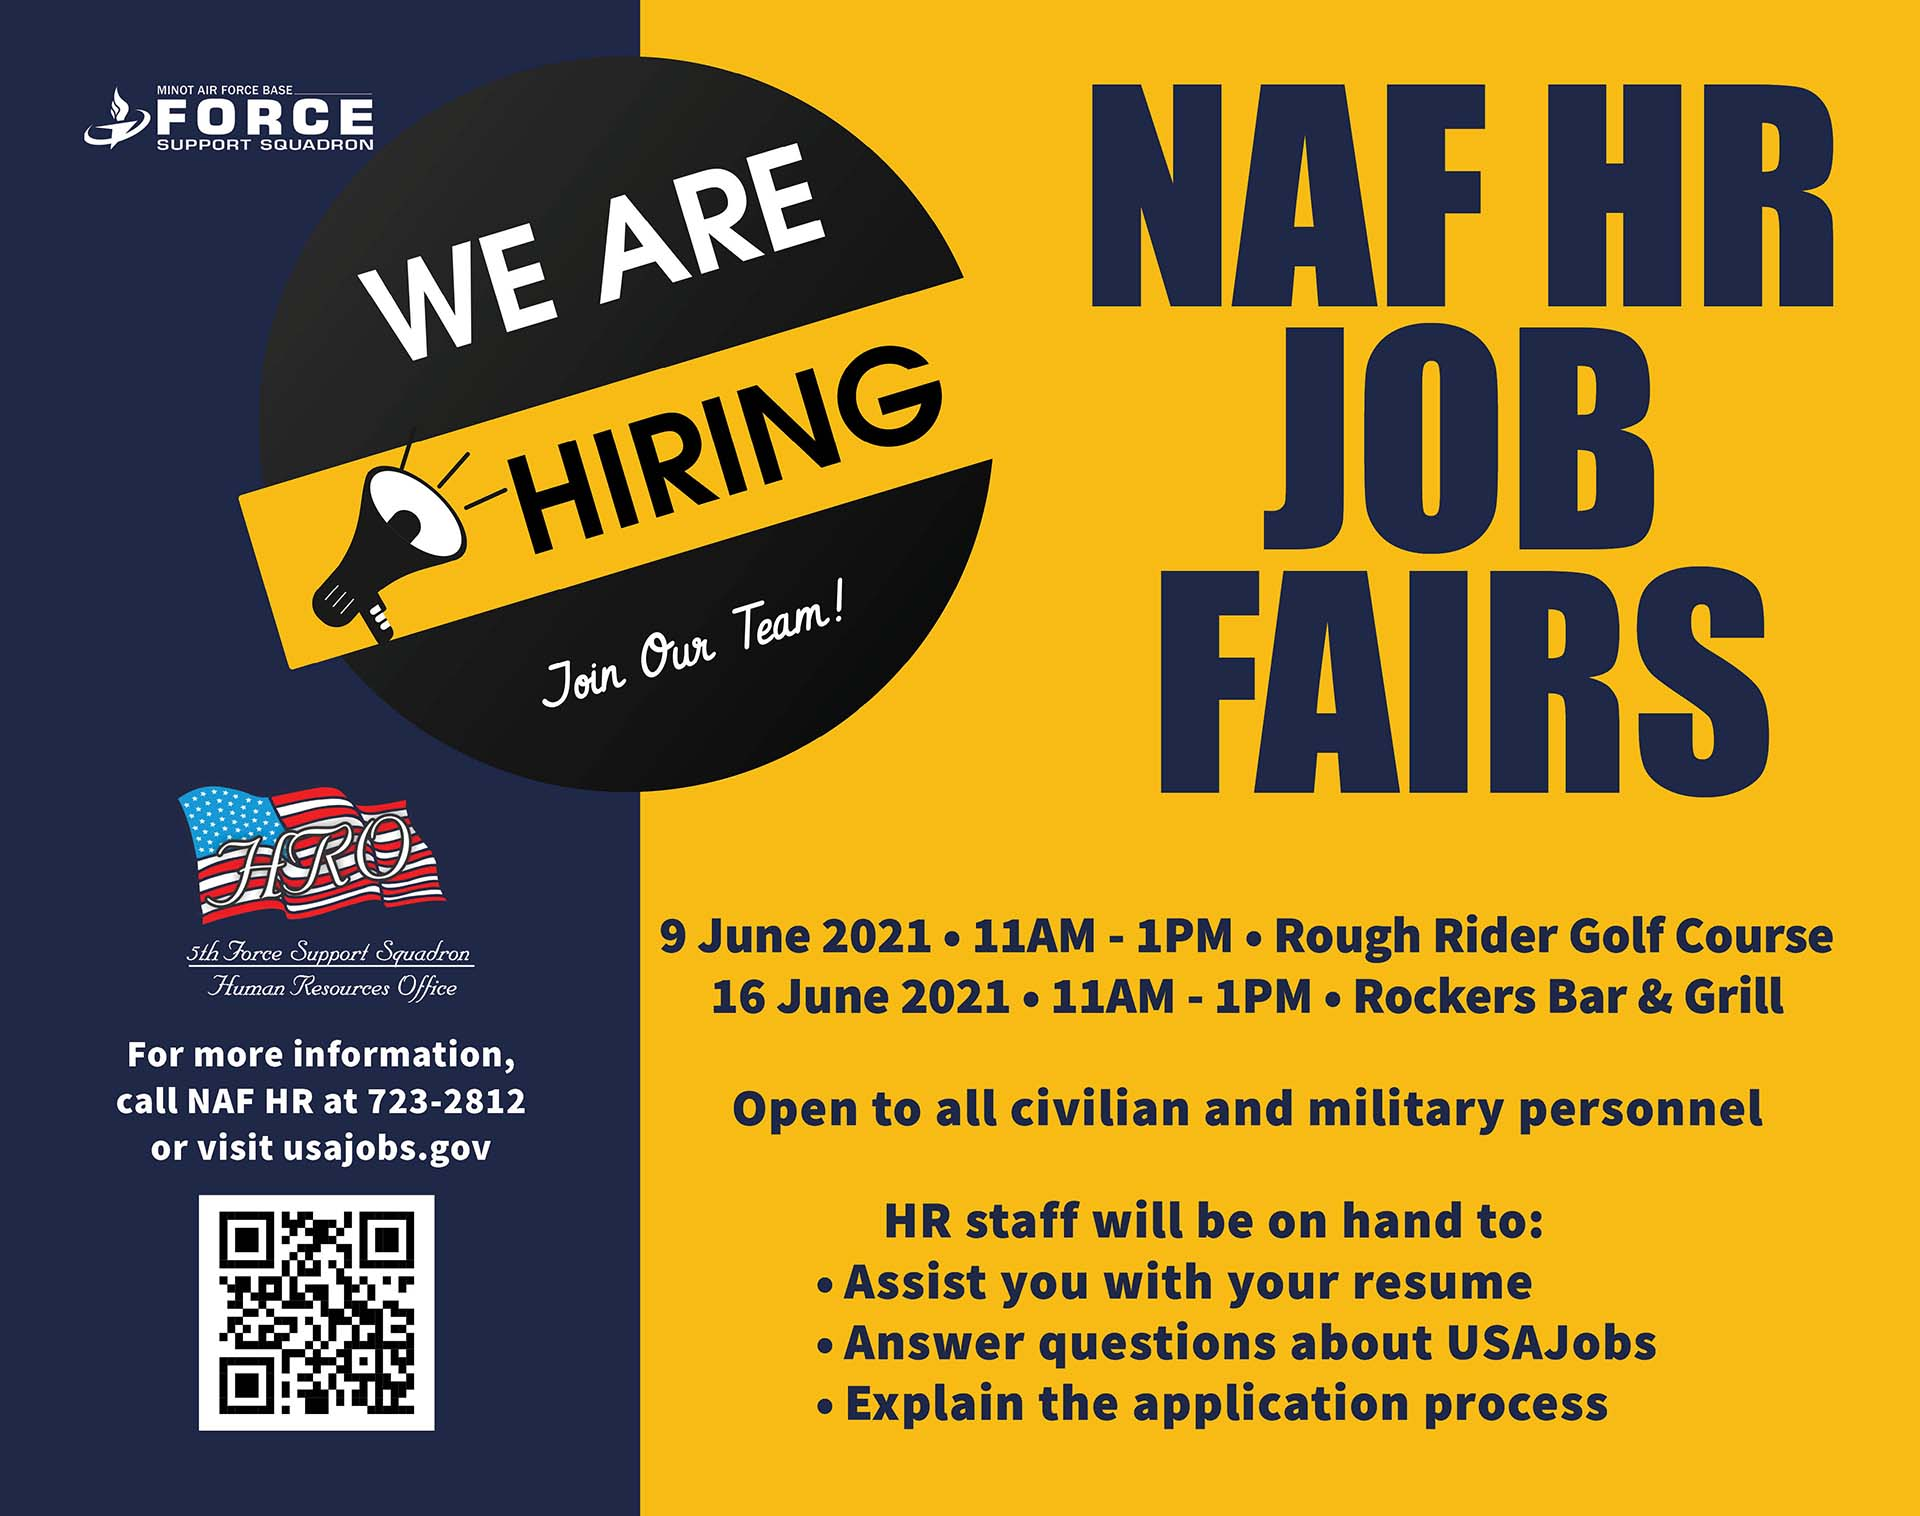 NAF HR Job Fair